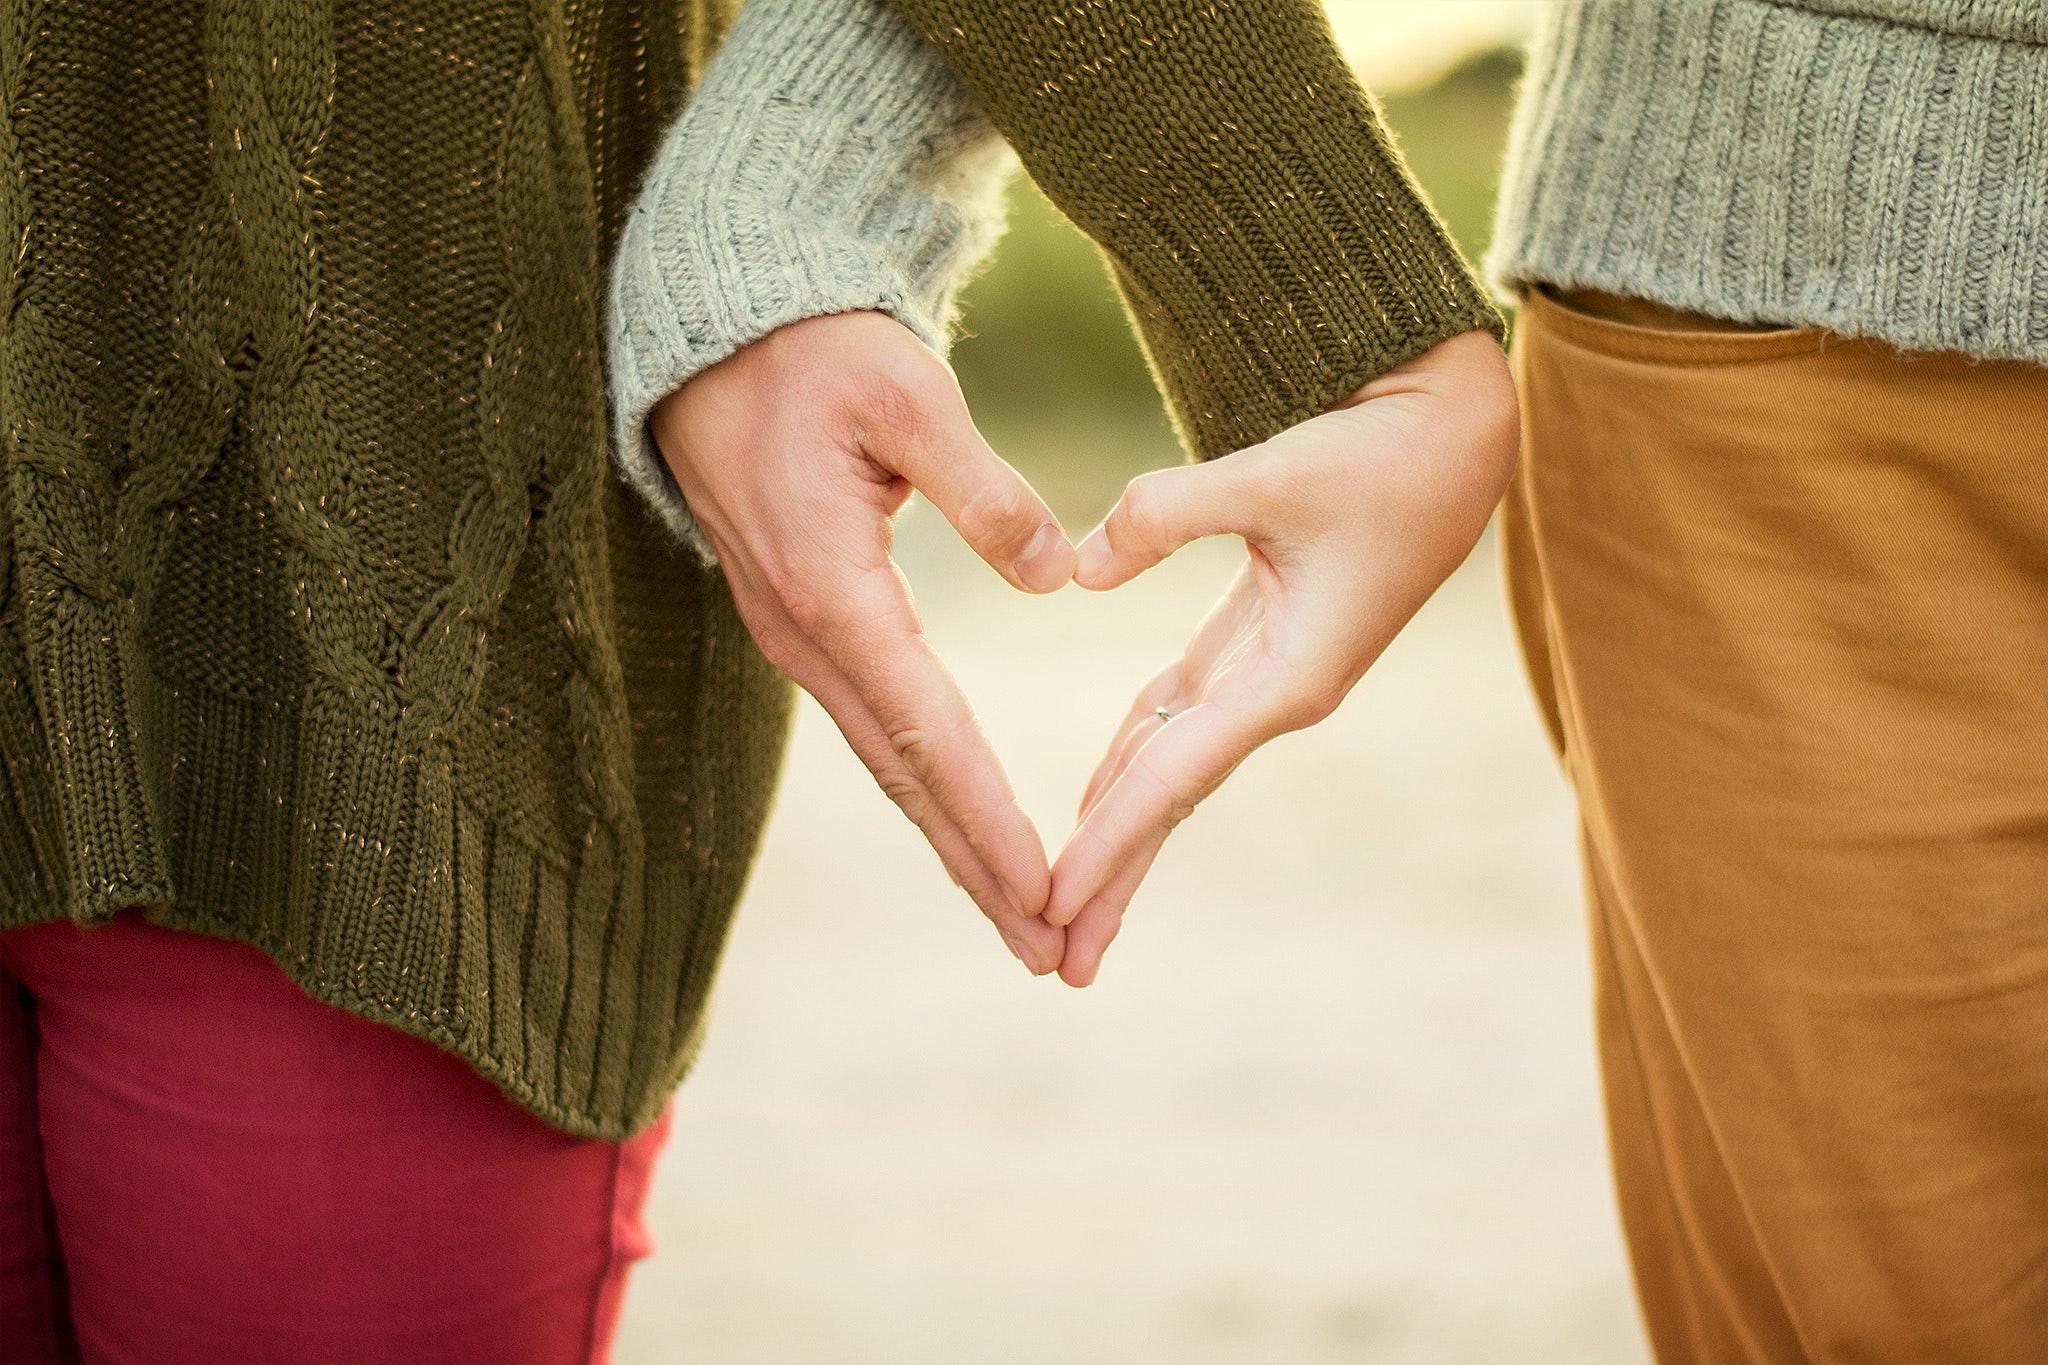 虐待回避のかぎは「夫婦が1+1=1」であること?